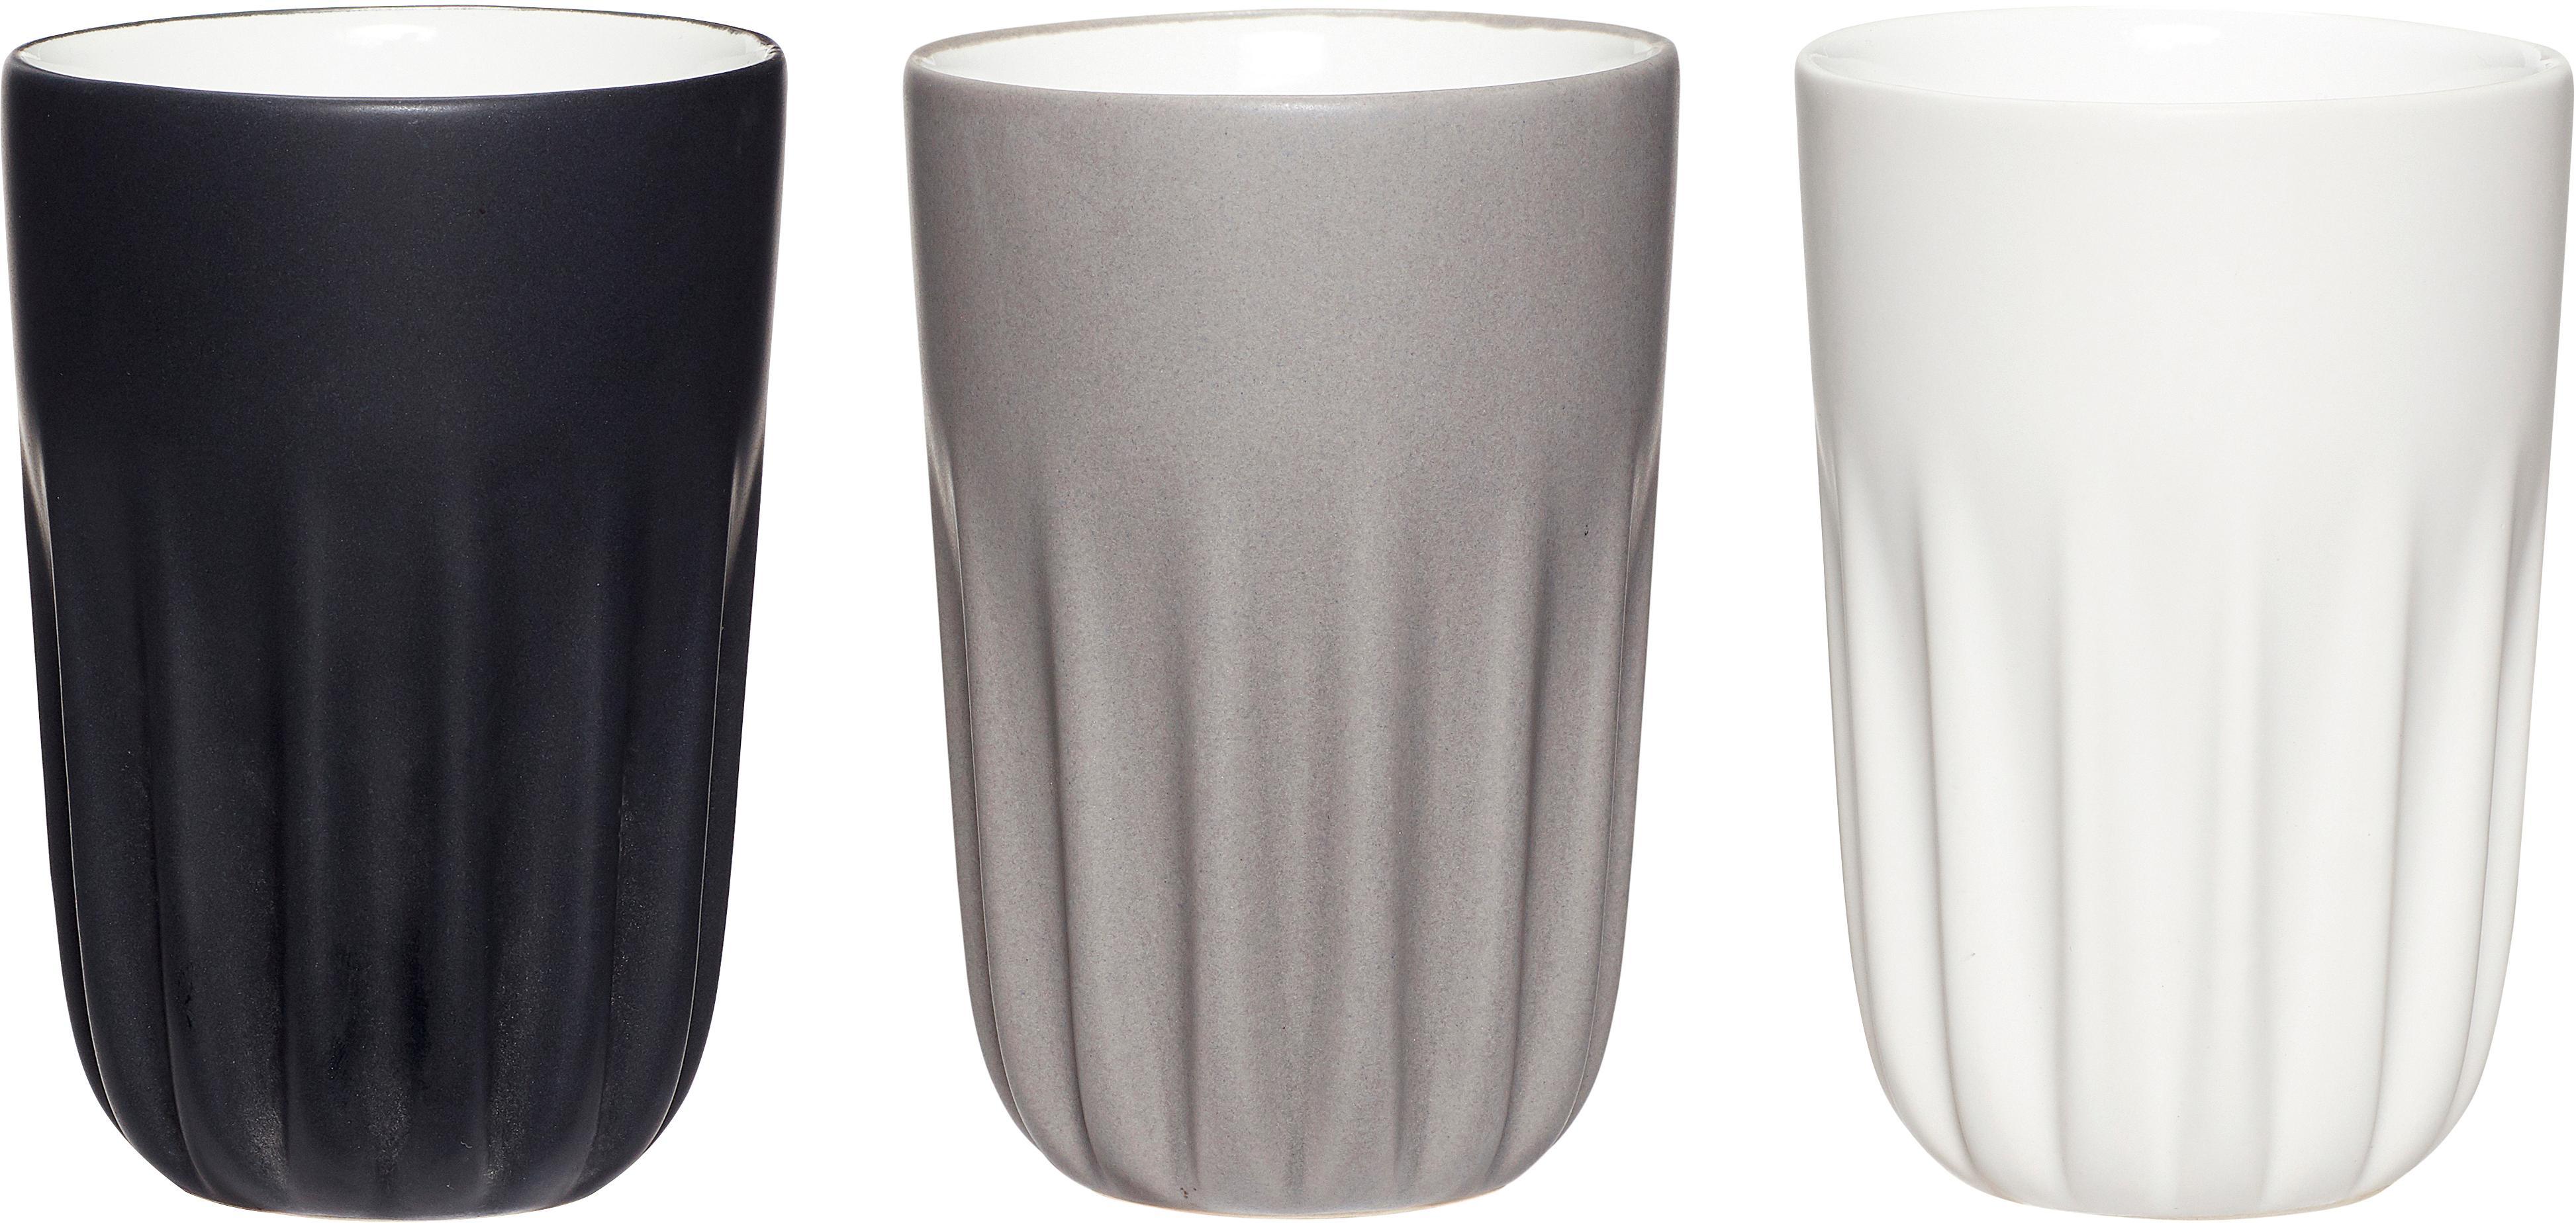 Keramik-Becher Erlang, 3er-Set, Keramik, Weiss, Schwarz, Grau, Ø 8 x H 12 cm